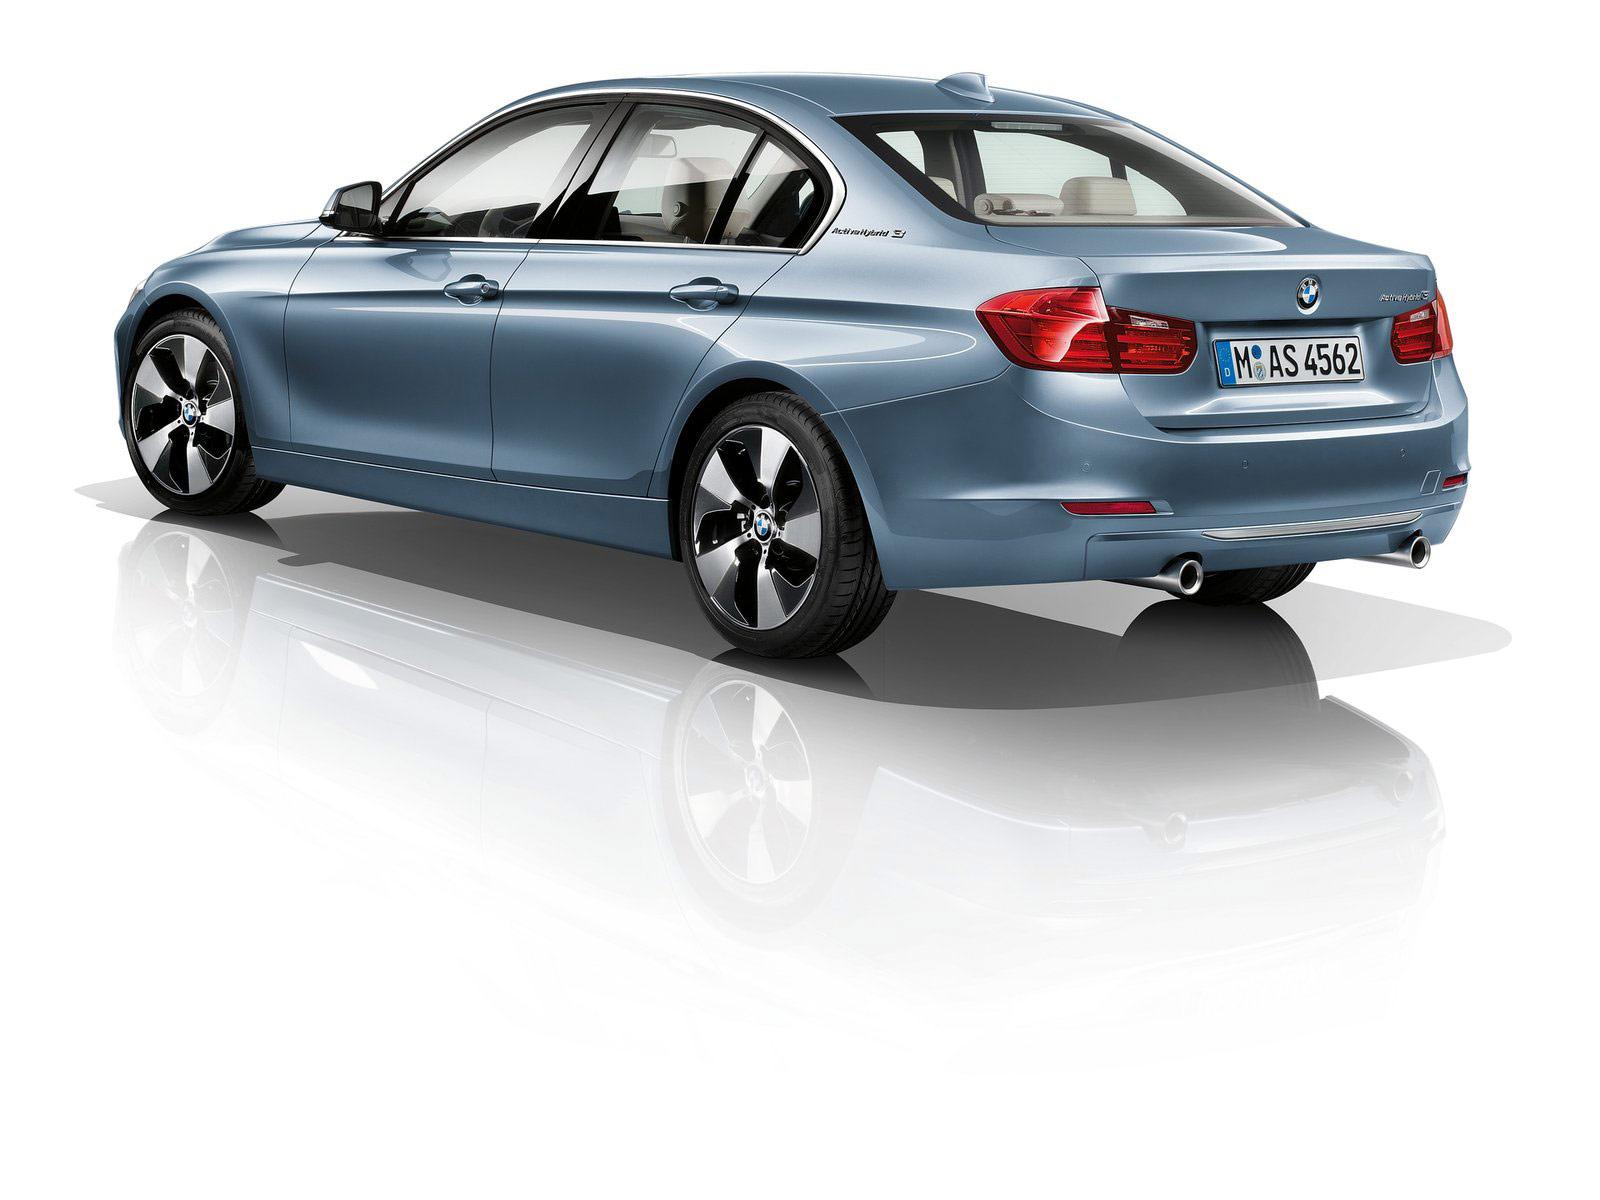 http://3.bp.blogspot.com/-pra_P_hsUKM/Tpl2s5dAkxI/AAAAAAAAGMk/v0szoilvg4s/s1600/BMW-3-Series_2012_bmw-desktop-wallpapers_9.jpg